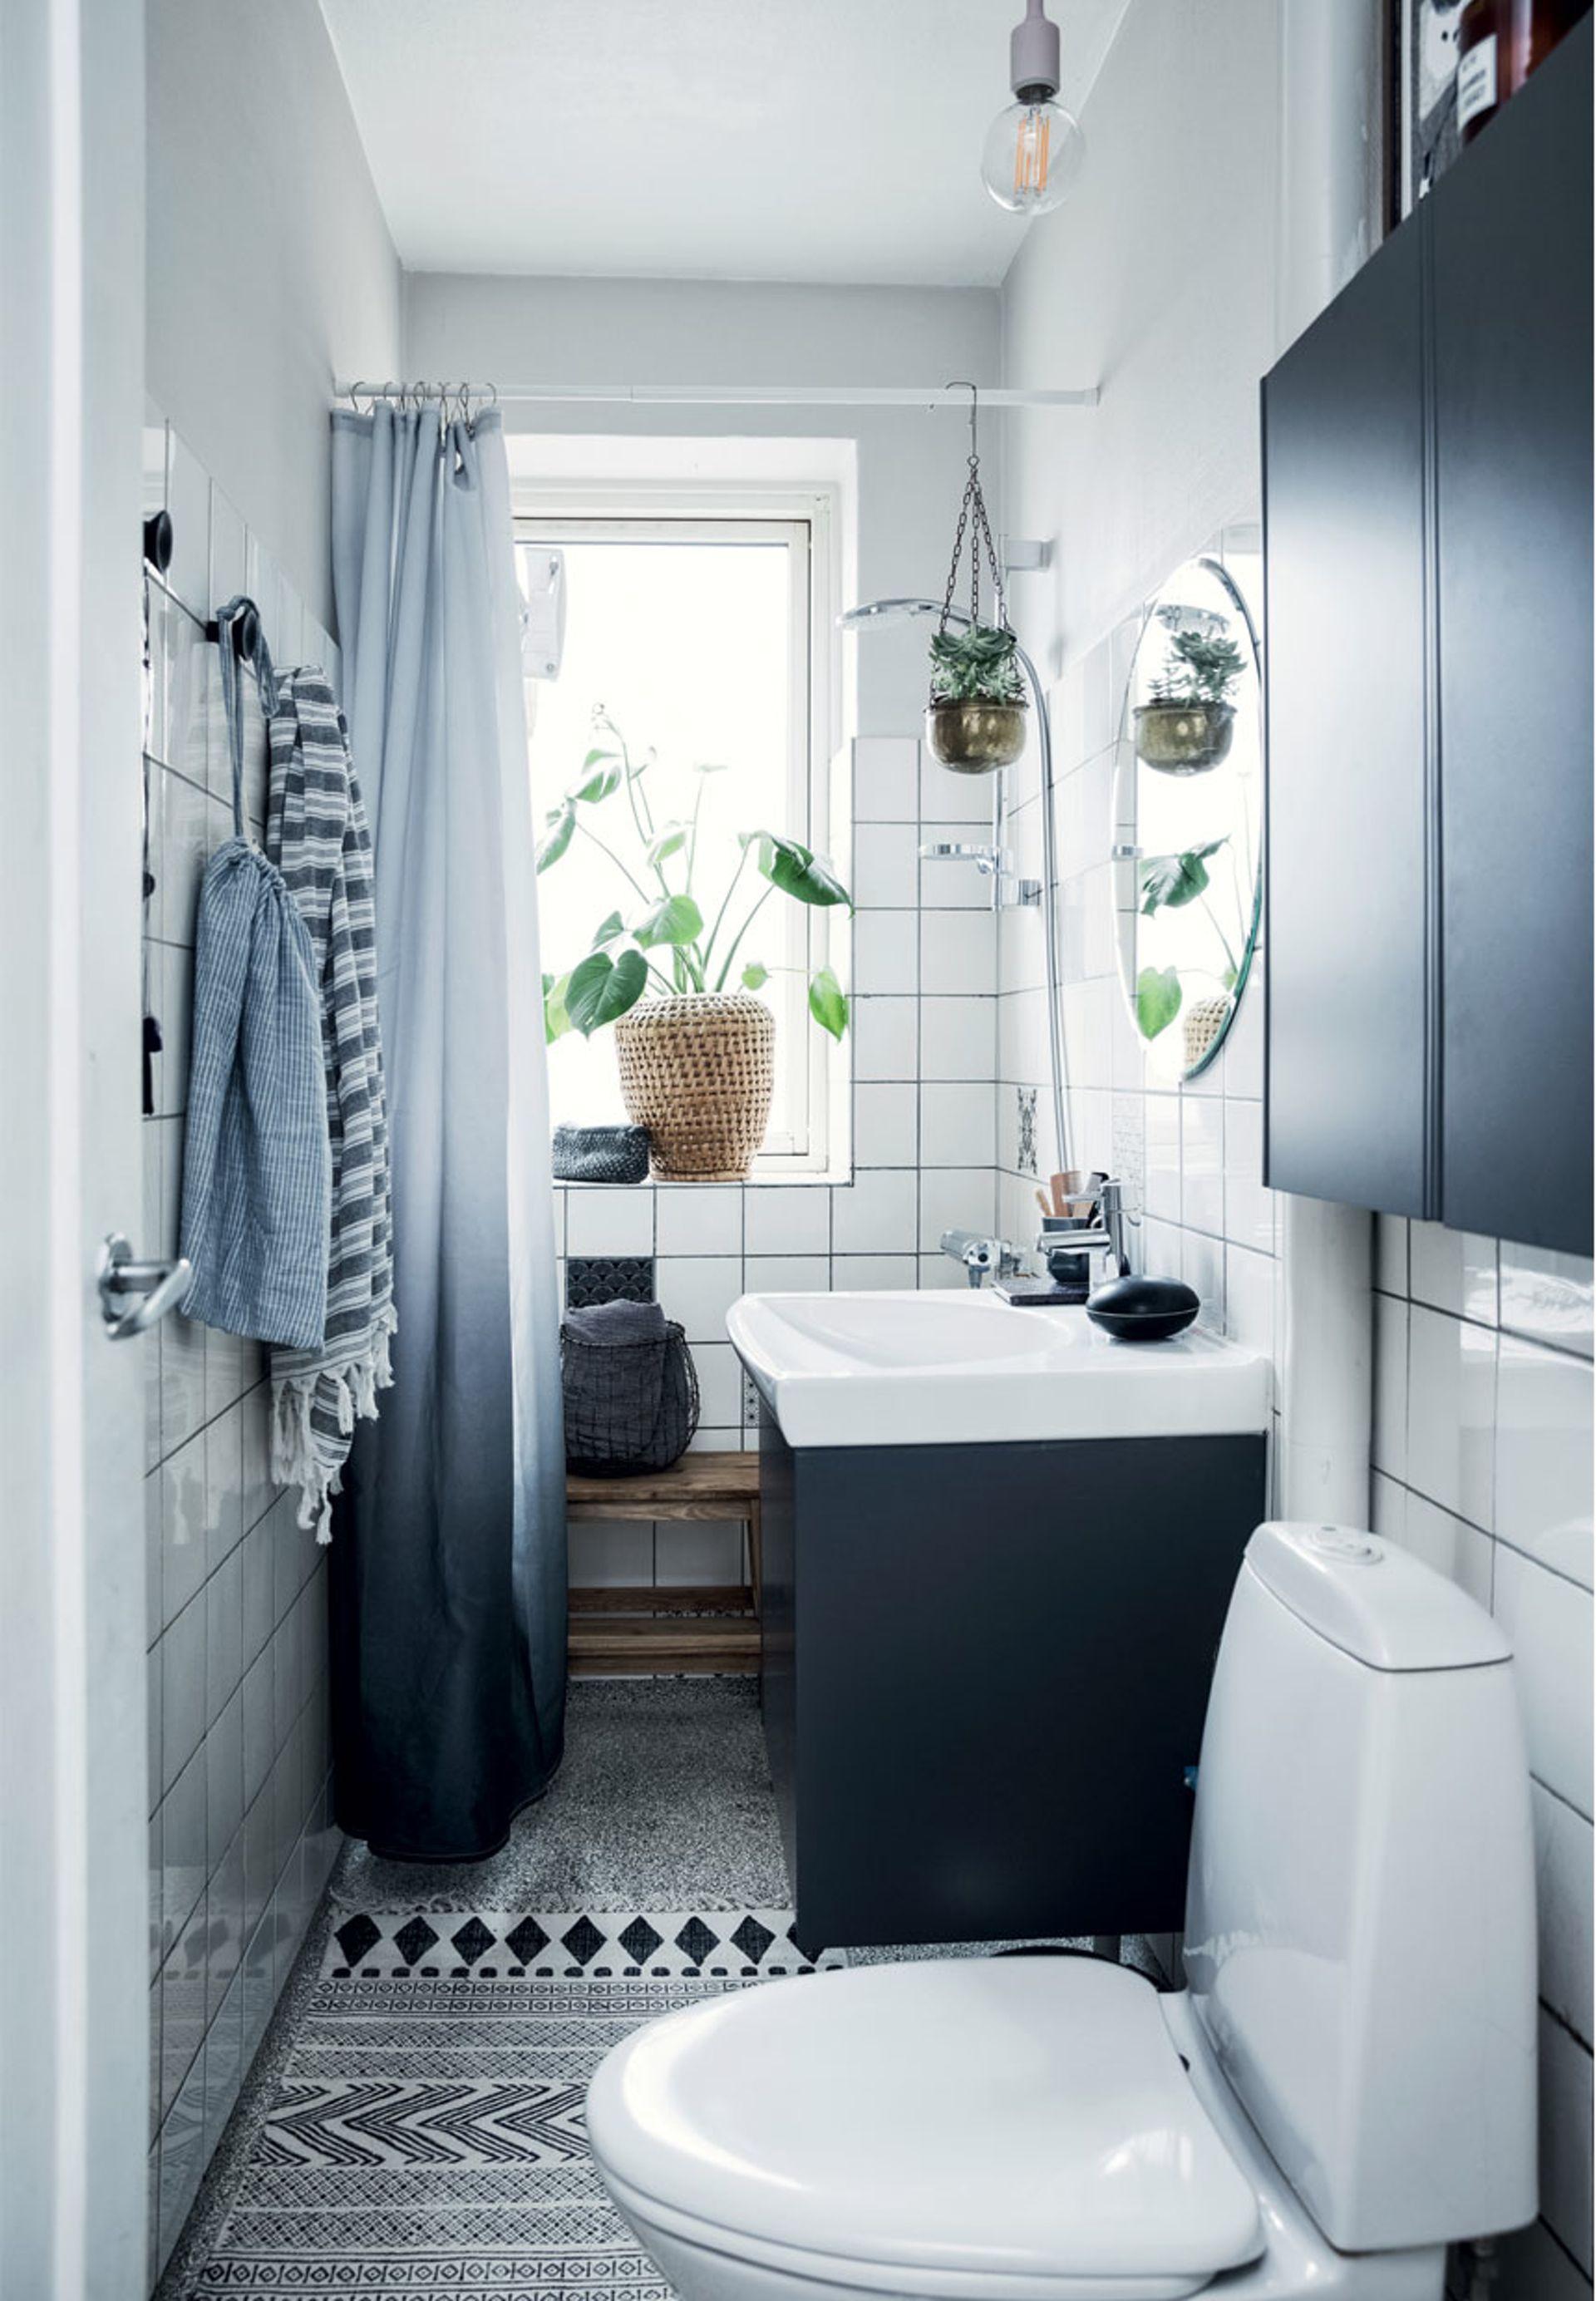 badeværelse opbevaring Badeværelse med plads til opbevaring | Bathroom | Pinterest  badeværelse opbevaring